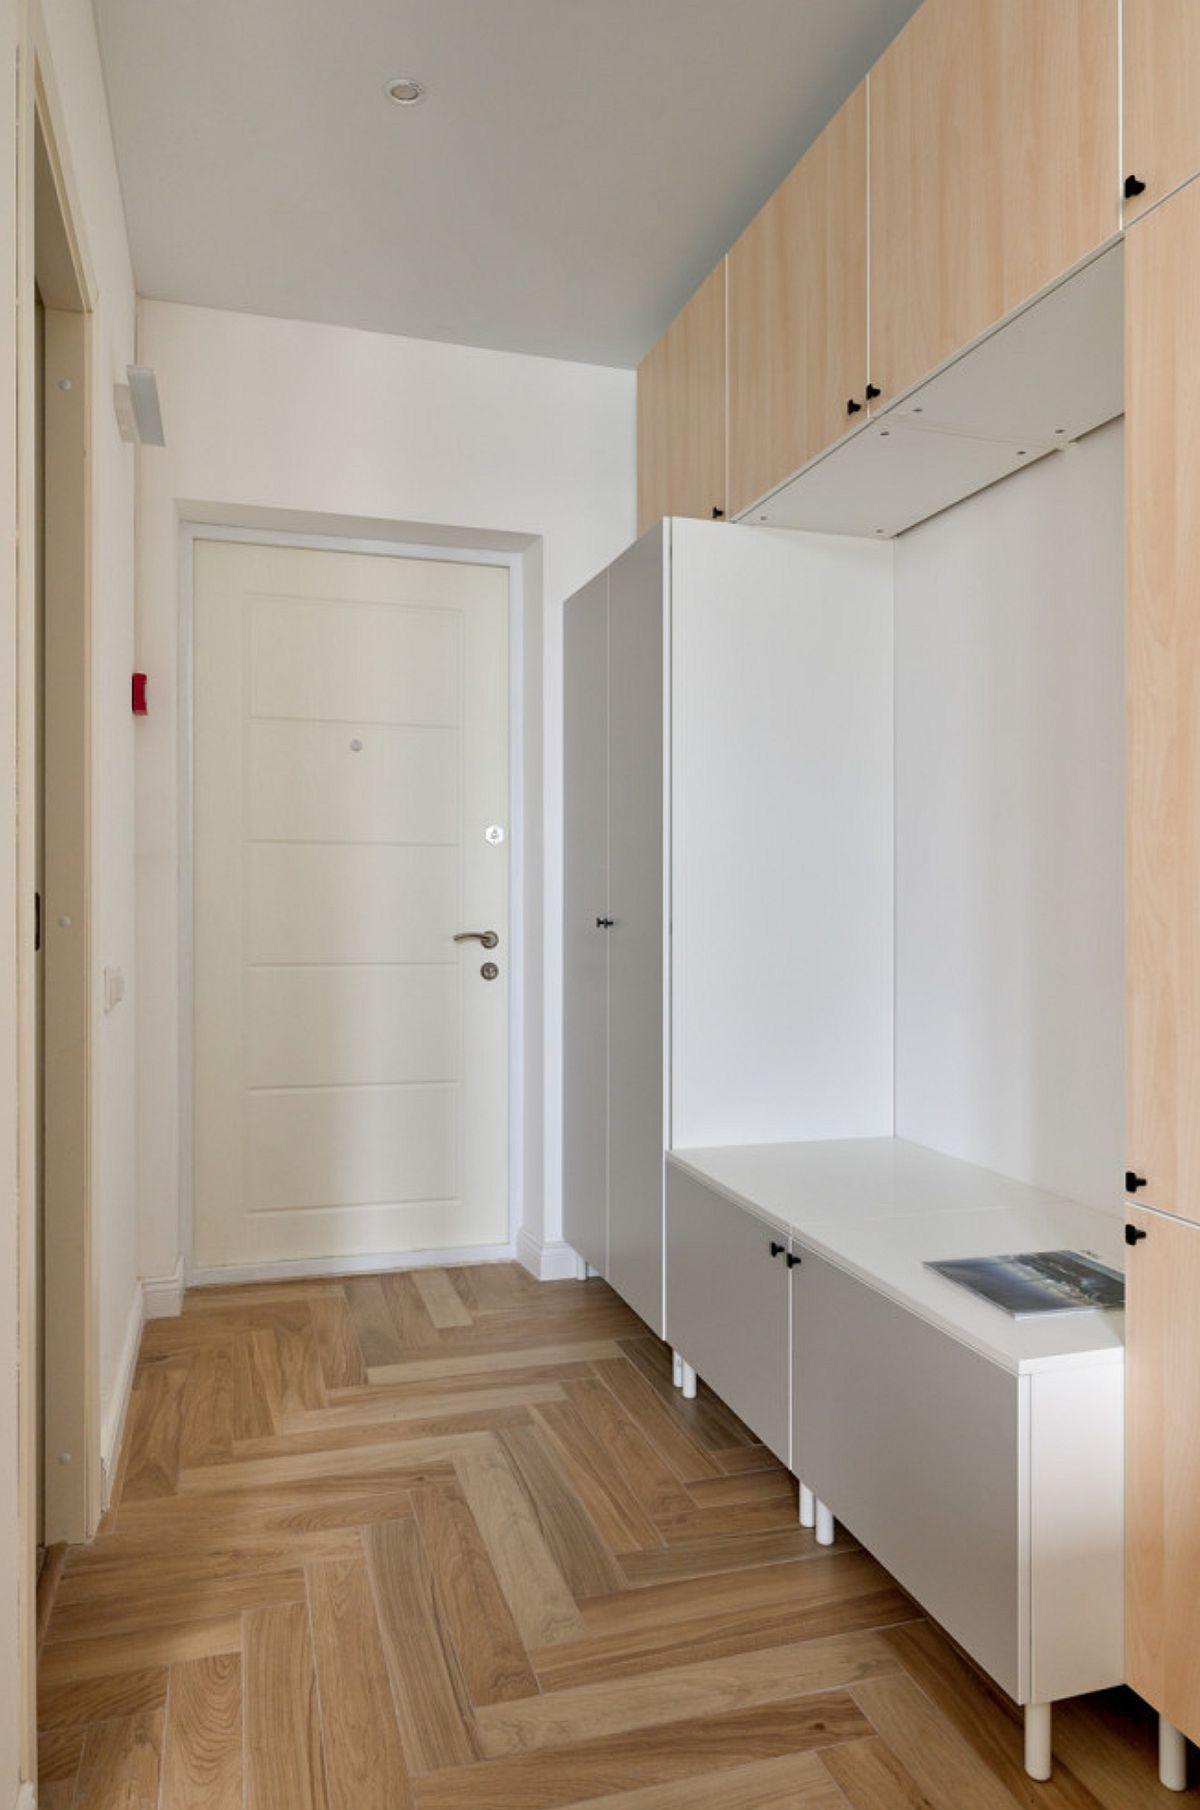 Holul de la intrare comunică deschis cu încăperea, iar de aici se deschide și ușa camerie de baie. Spațiul din hol este folosit pentru depozitare,în special haine și pantofi, ansamblul fiind realizat din piese modulare, care formează și loc pentru cuier.